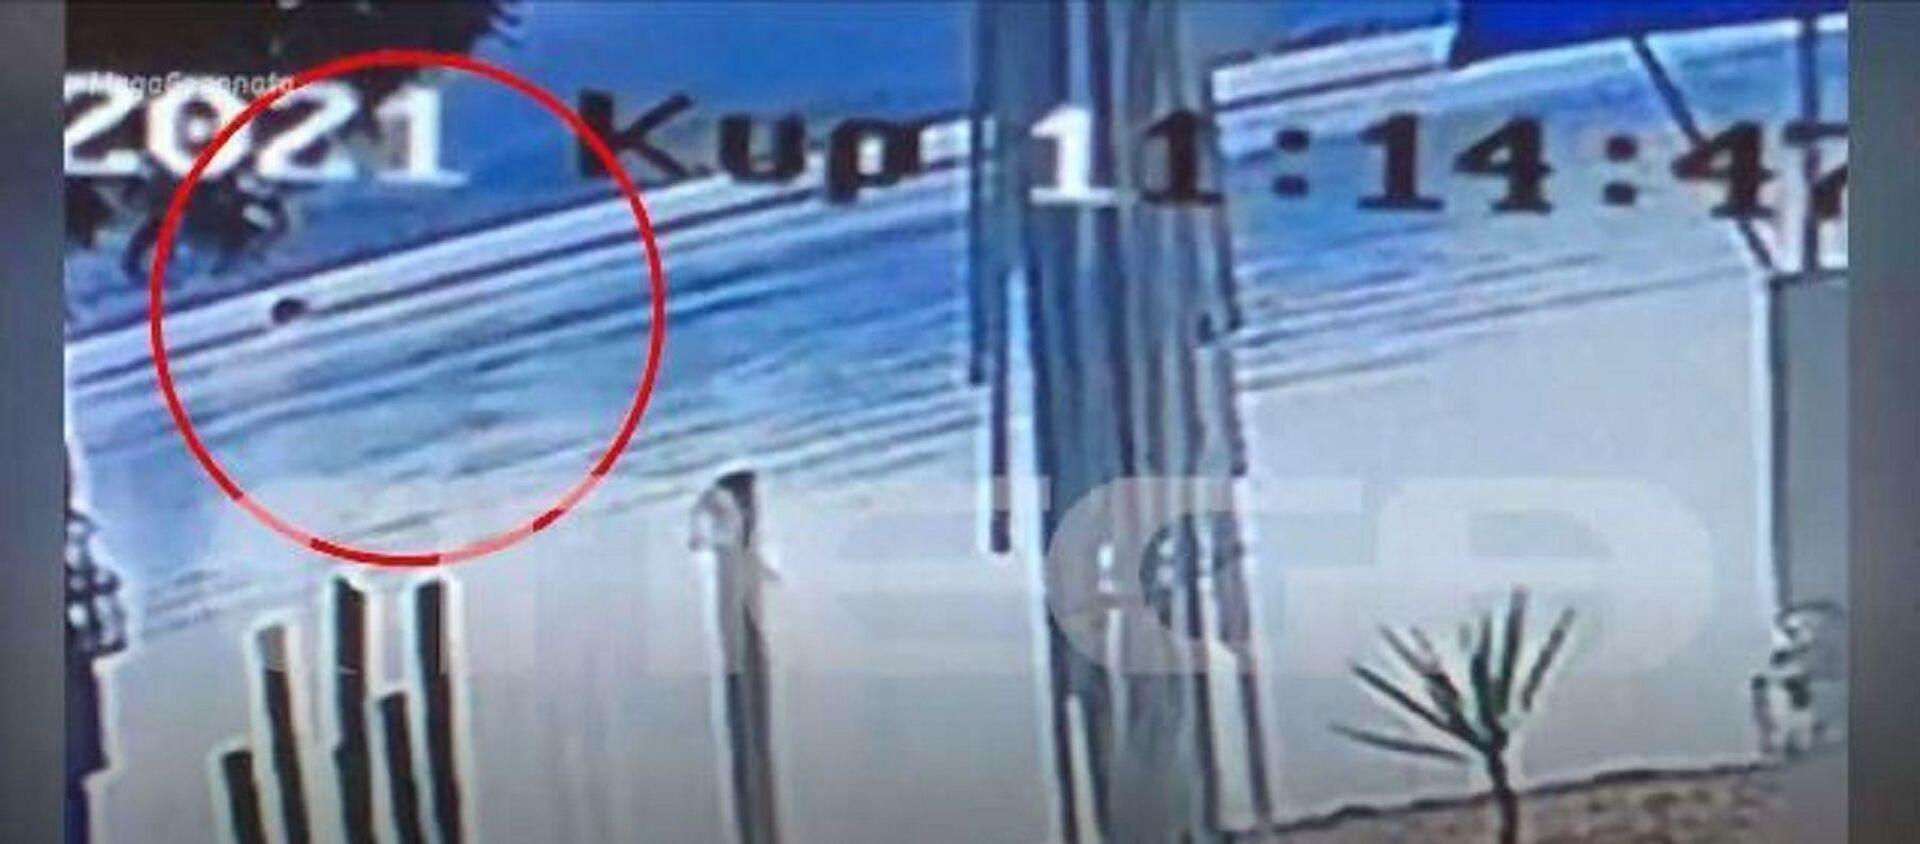 Σήφης Βαλυράκης: Οι κινήσεις των αλιευτικών - Sputnik Ελλάδα, 1920, 01.02.2021